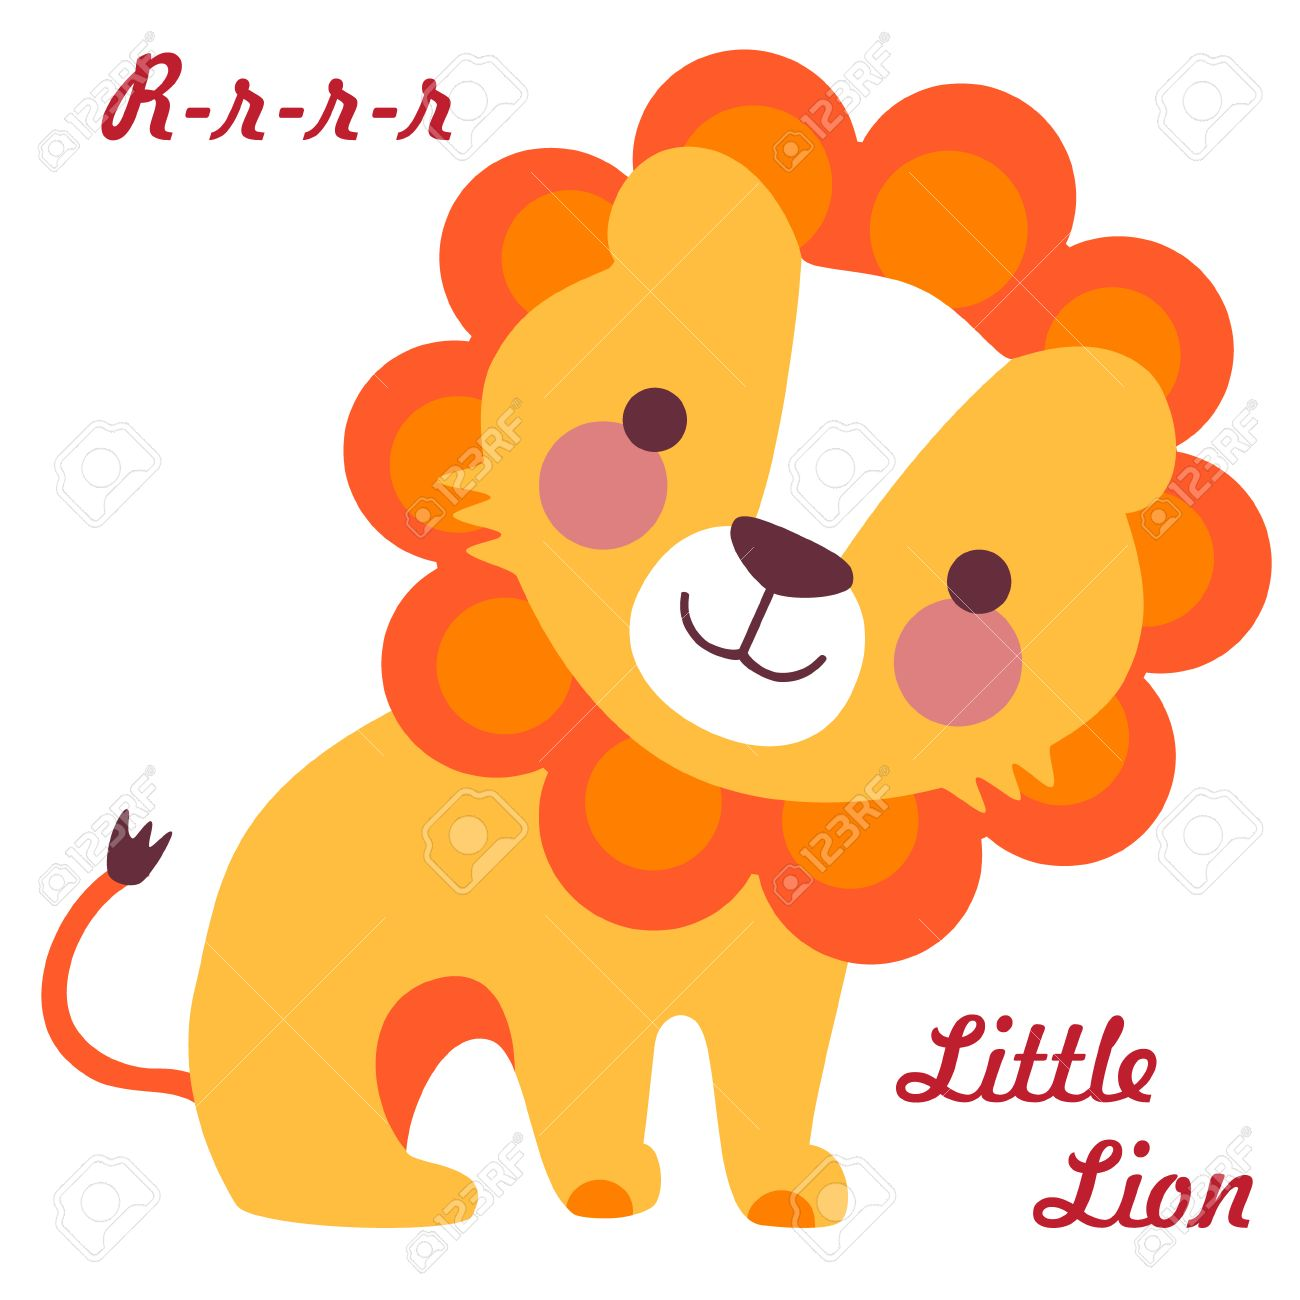 かわいい小さなライオンのベクター イラストです赤ちゃんライオンの